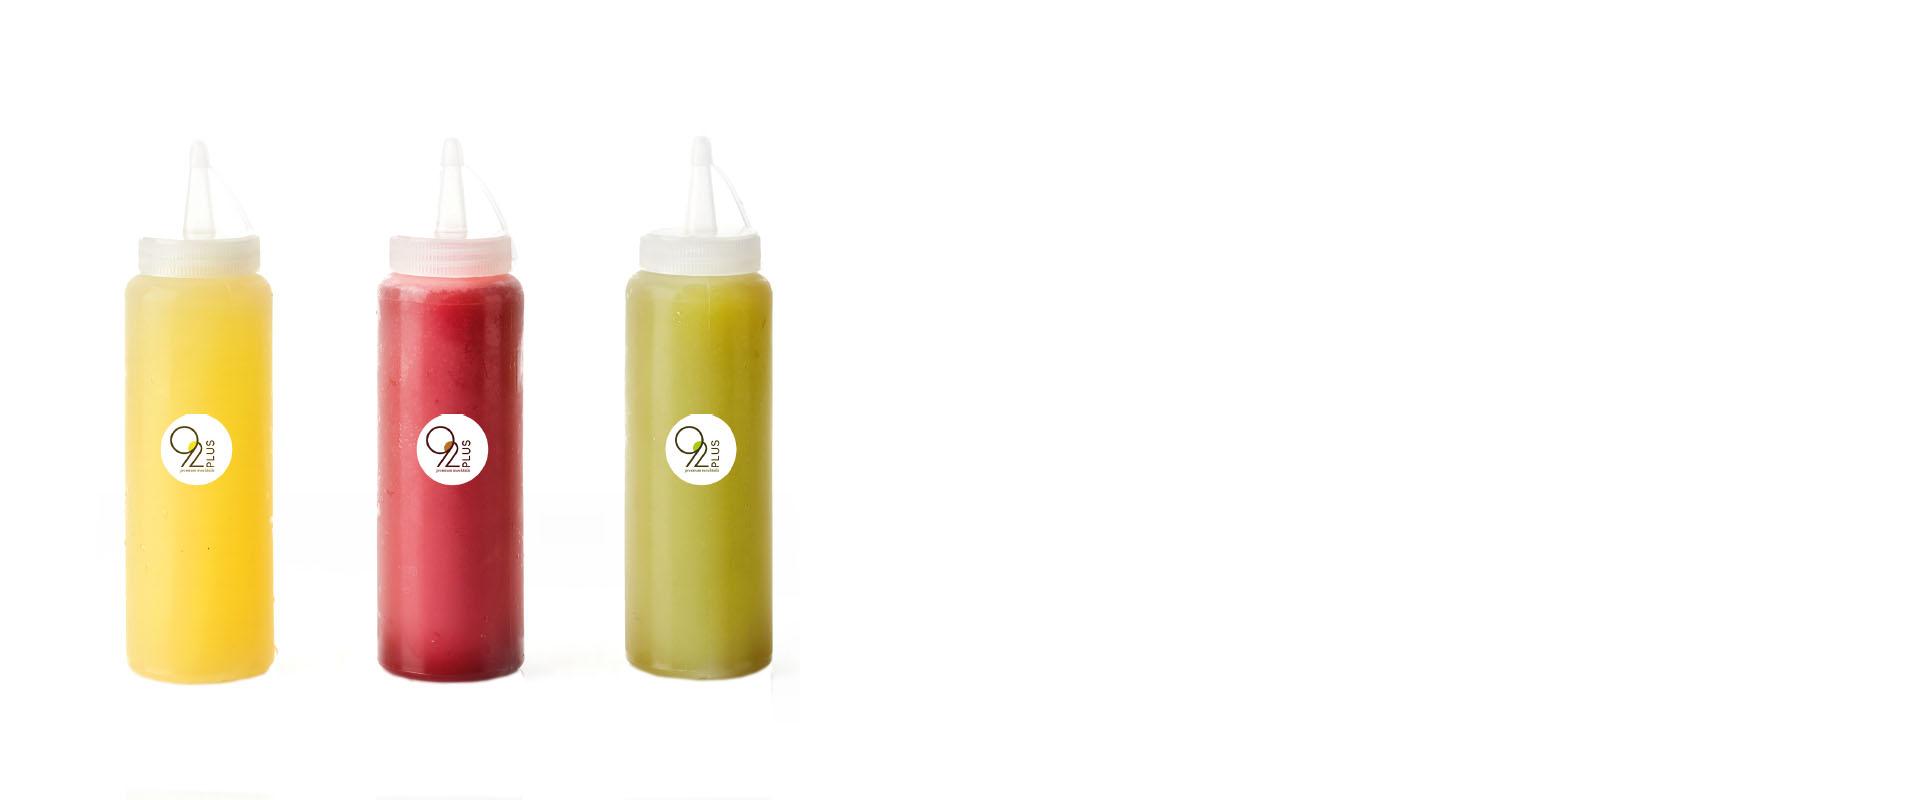 92plus - mocktails voor professionals - de driekleur achter de 92PLUS blends - premium mocktails